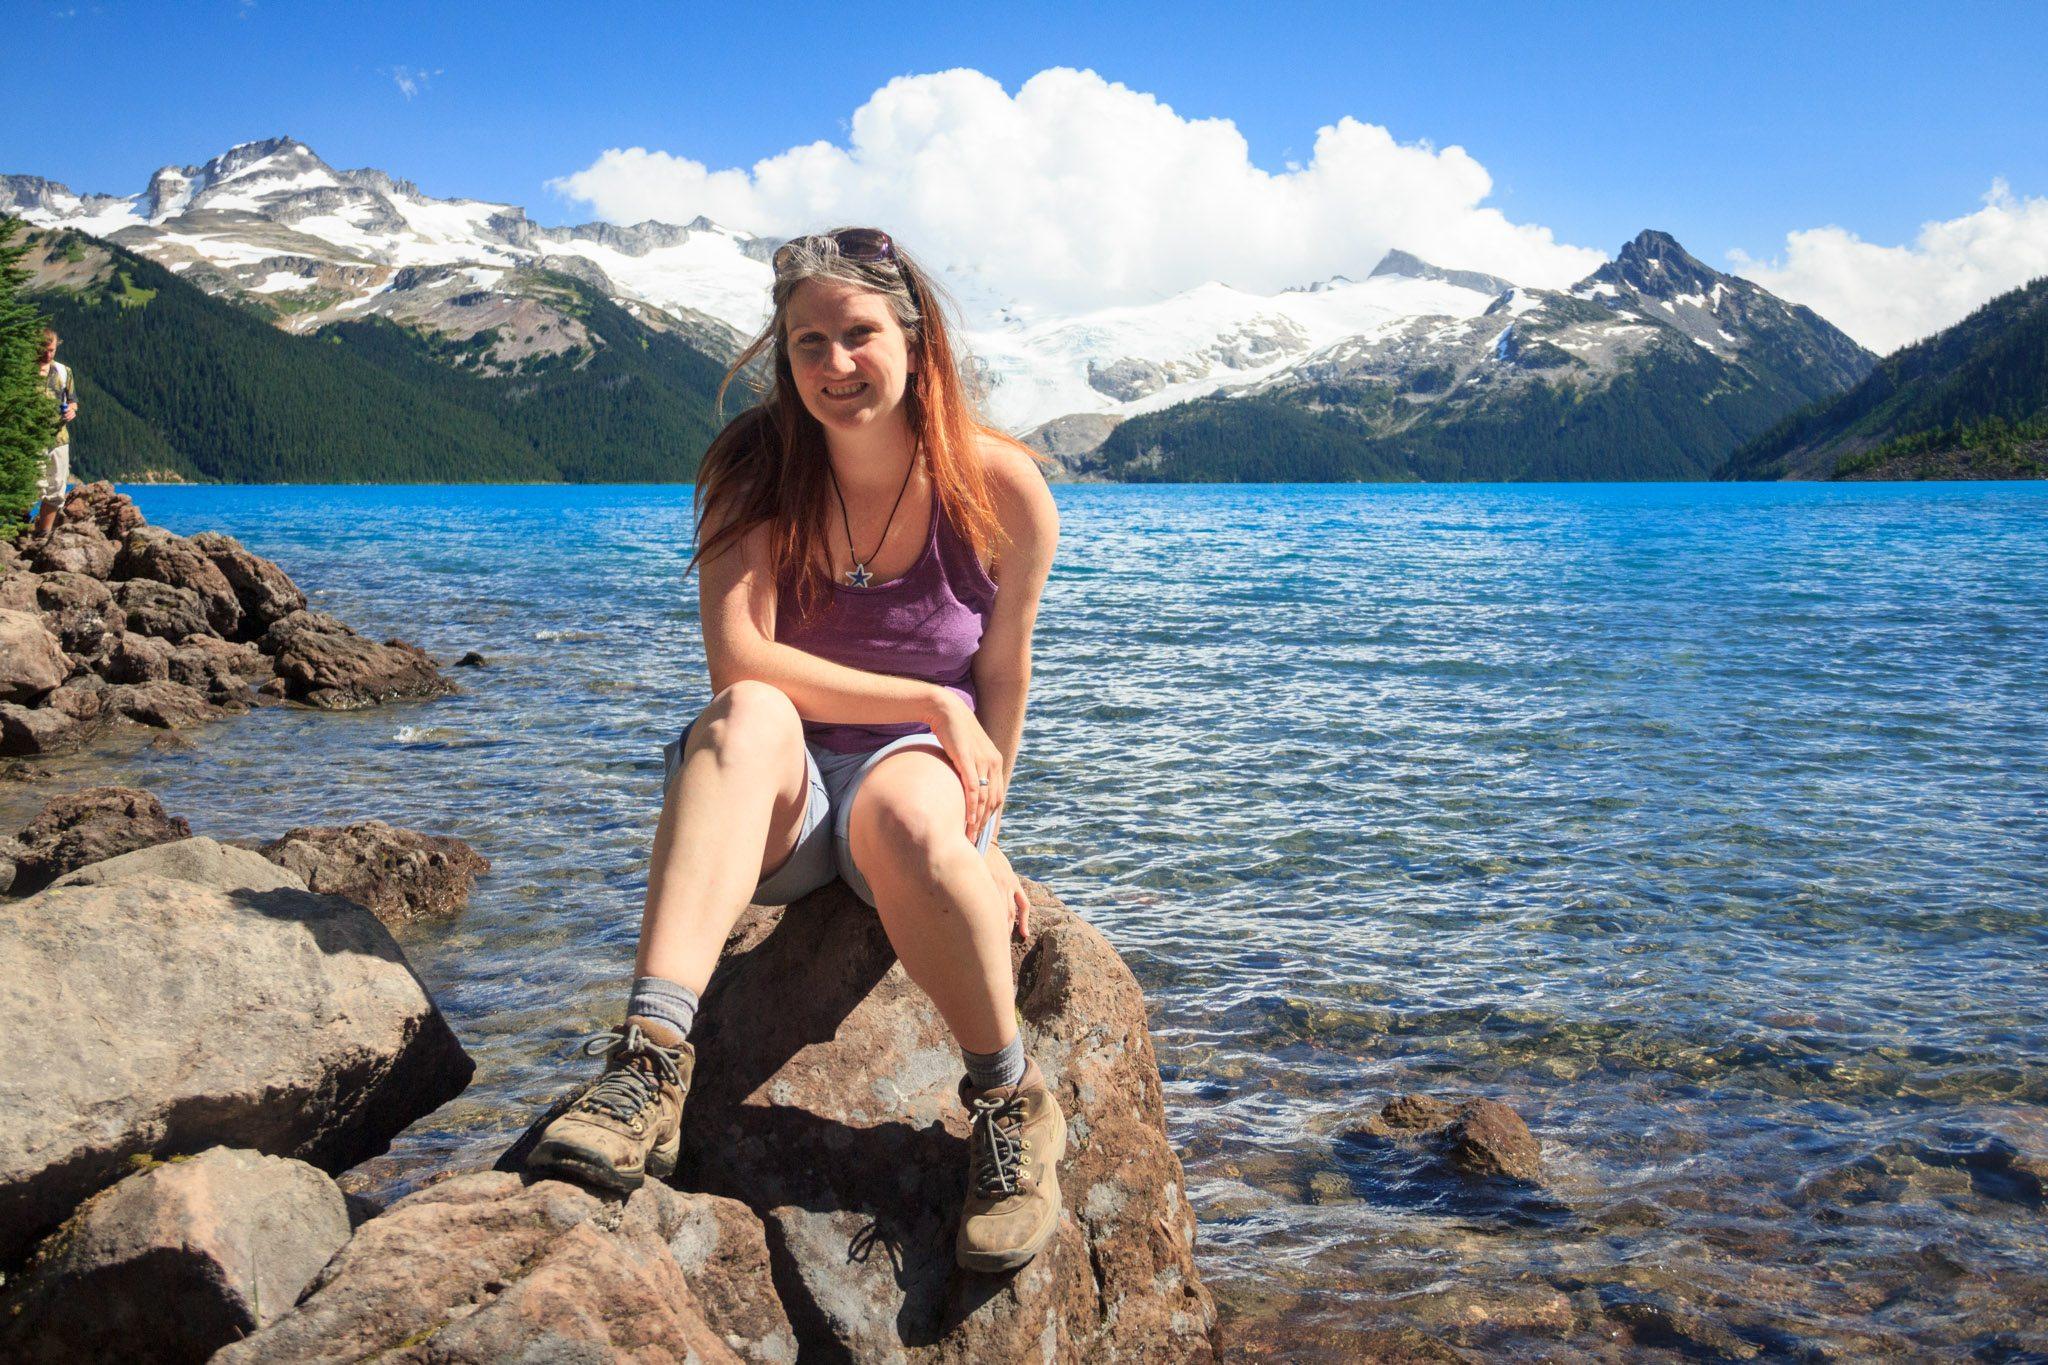 Daily Hive's Jenni Sheppard at Garibaldi Lake (Daily Hive/Conrad Olson)